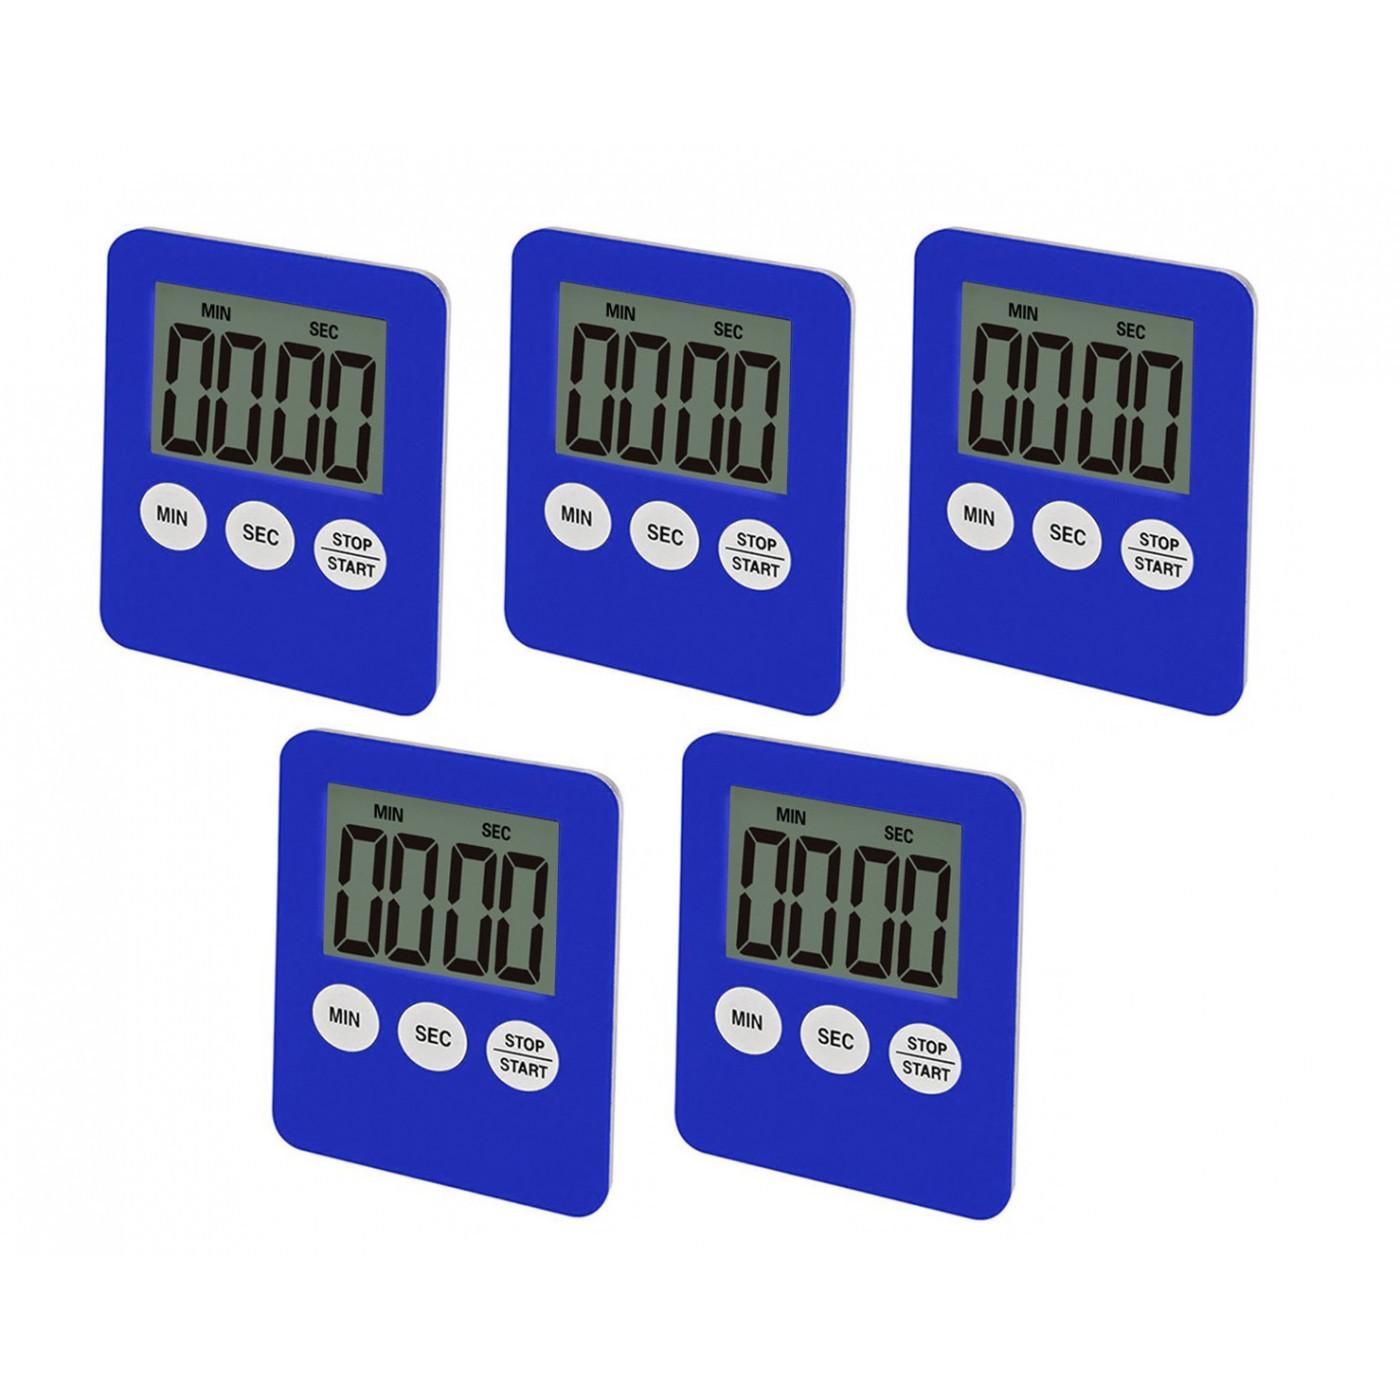 Ensemble de 5 minuteries numériques, réveils, bleu